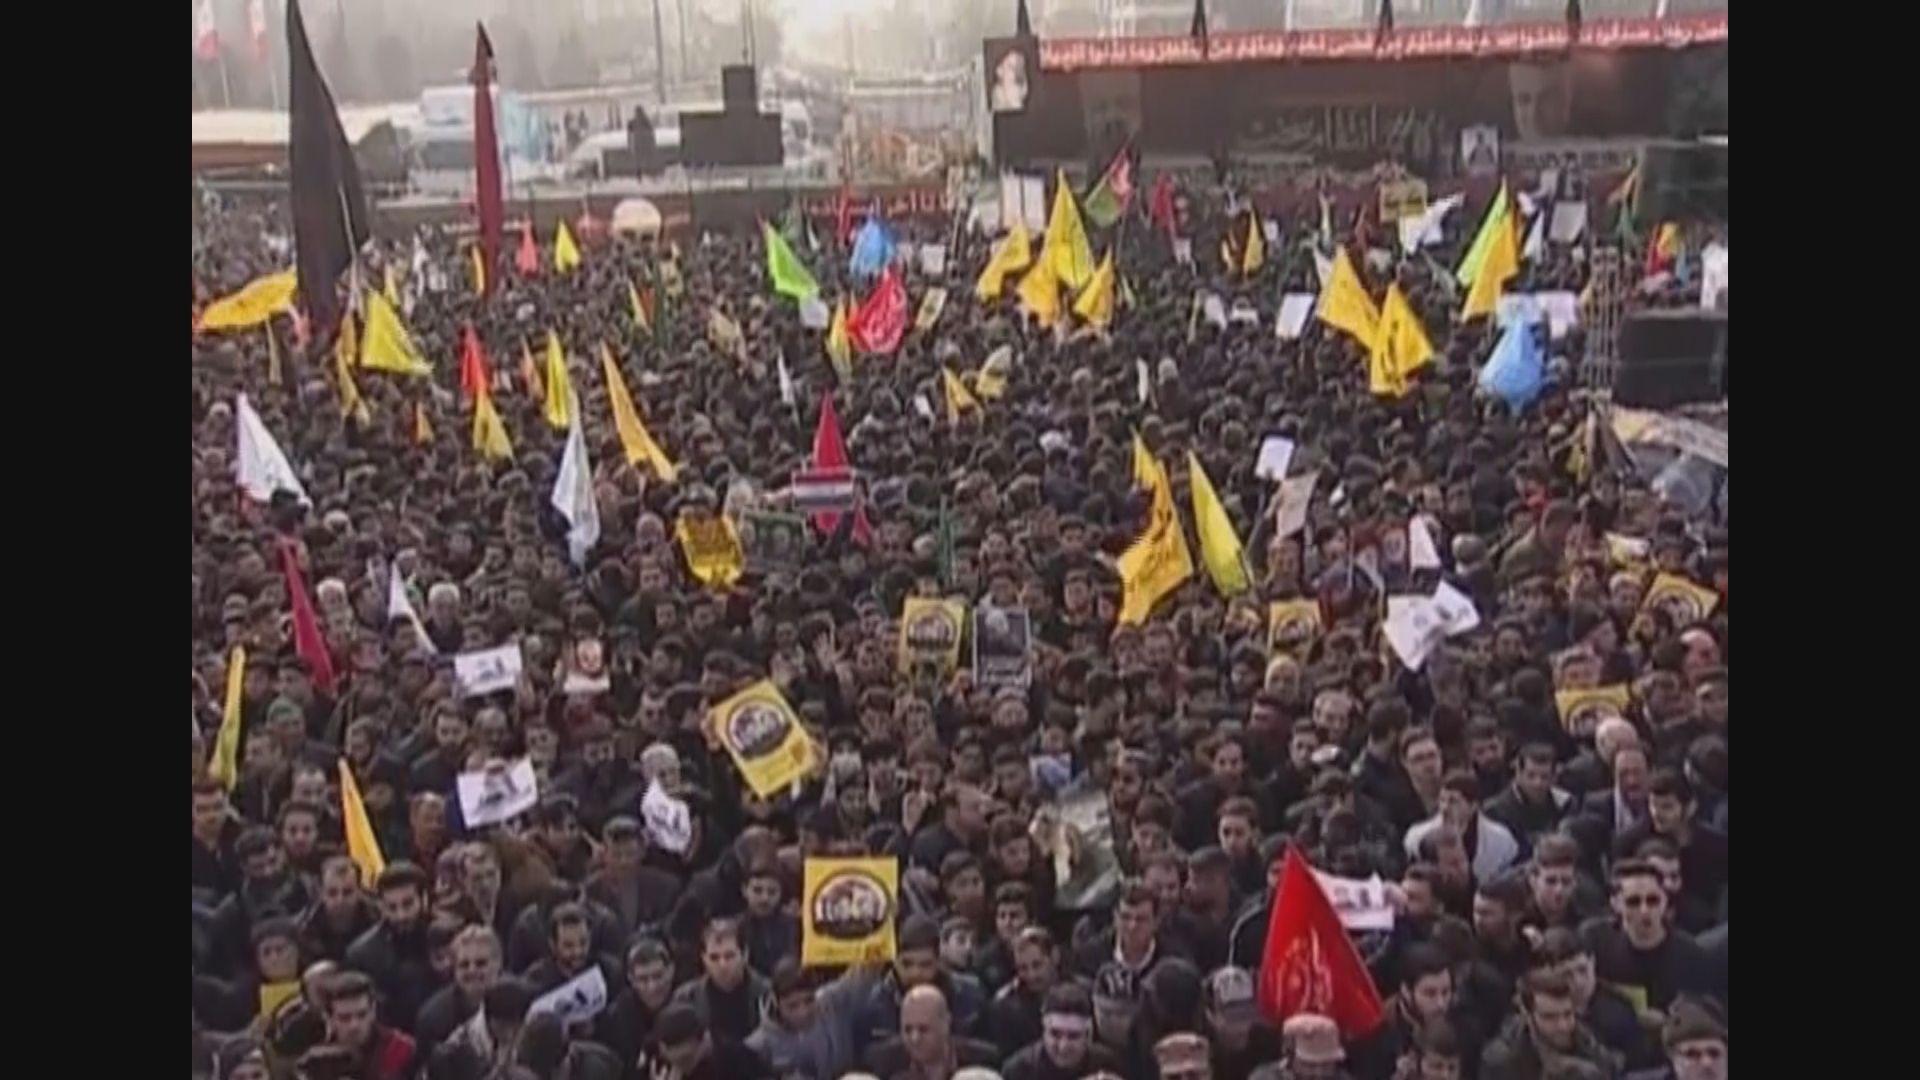 伊朗稱報復美國的行動已列入日程